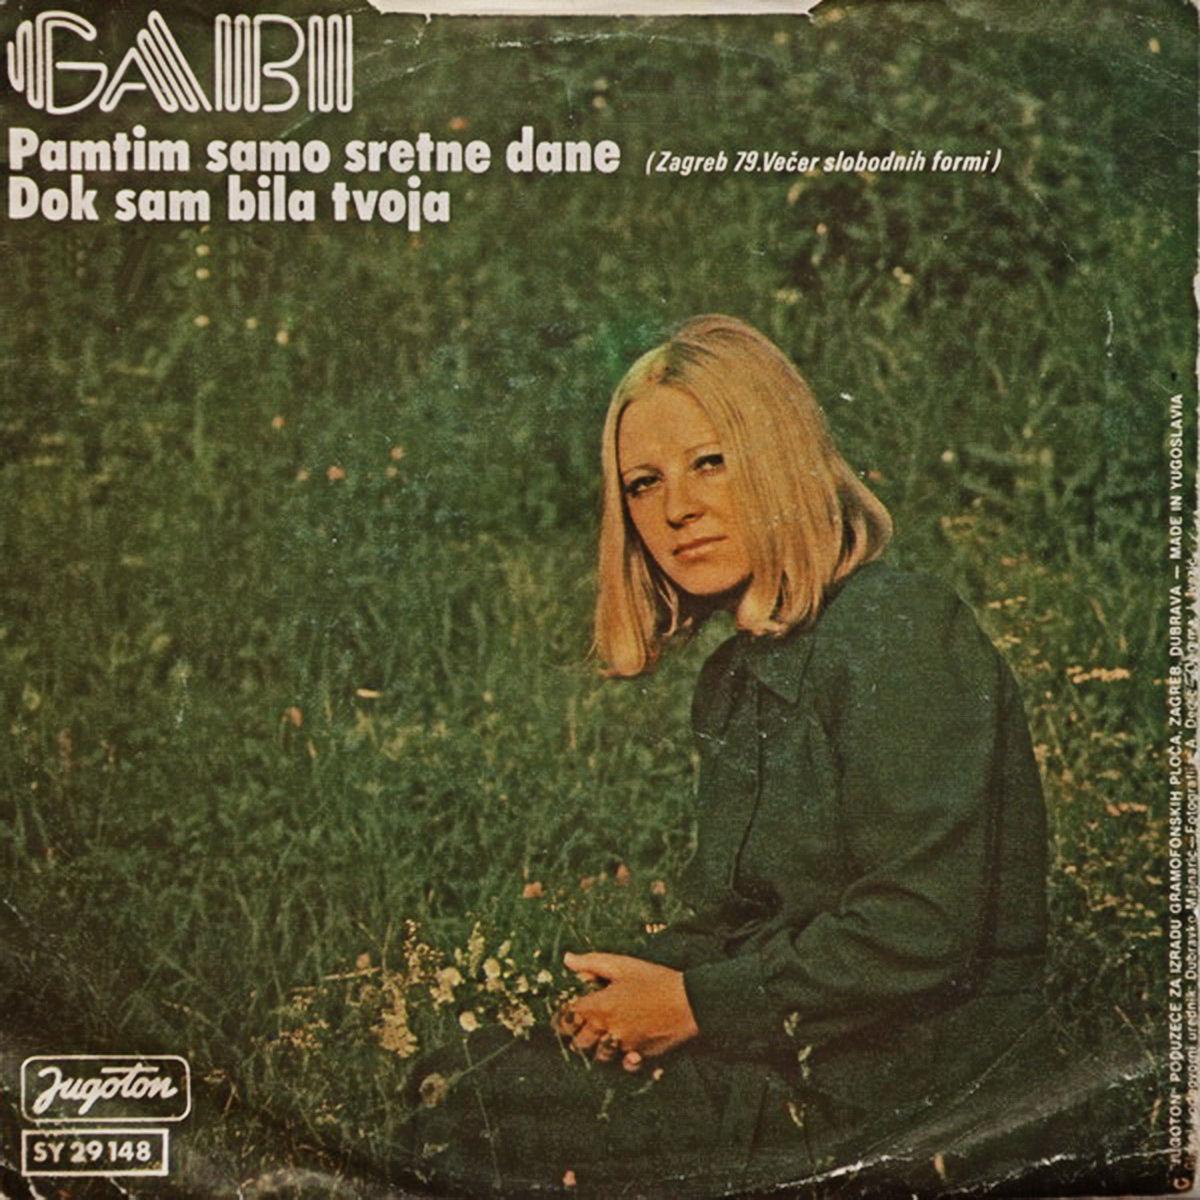 Gabi Novak 1979 Pamtim samo sretne dane b